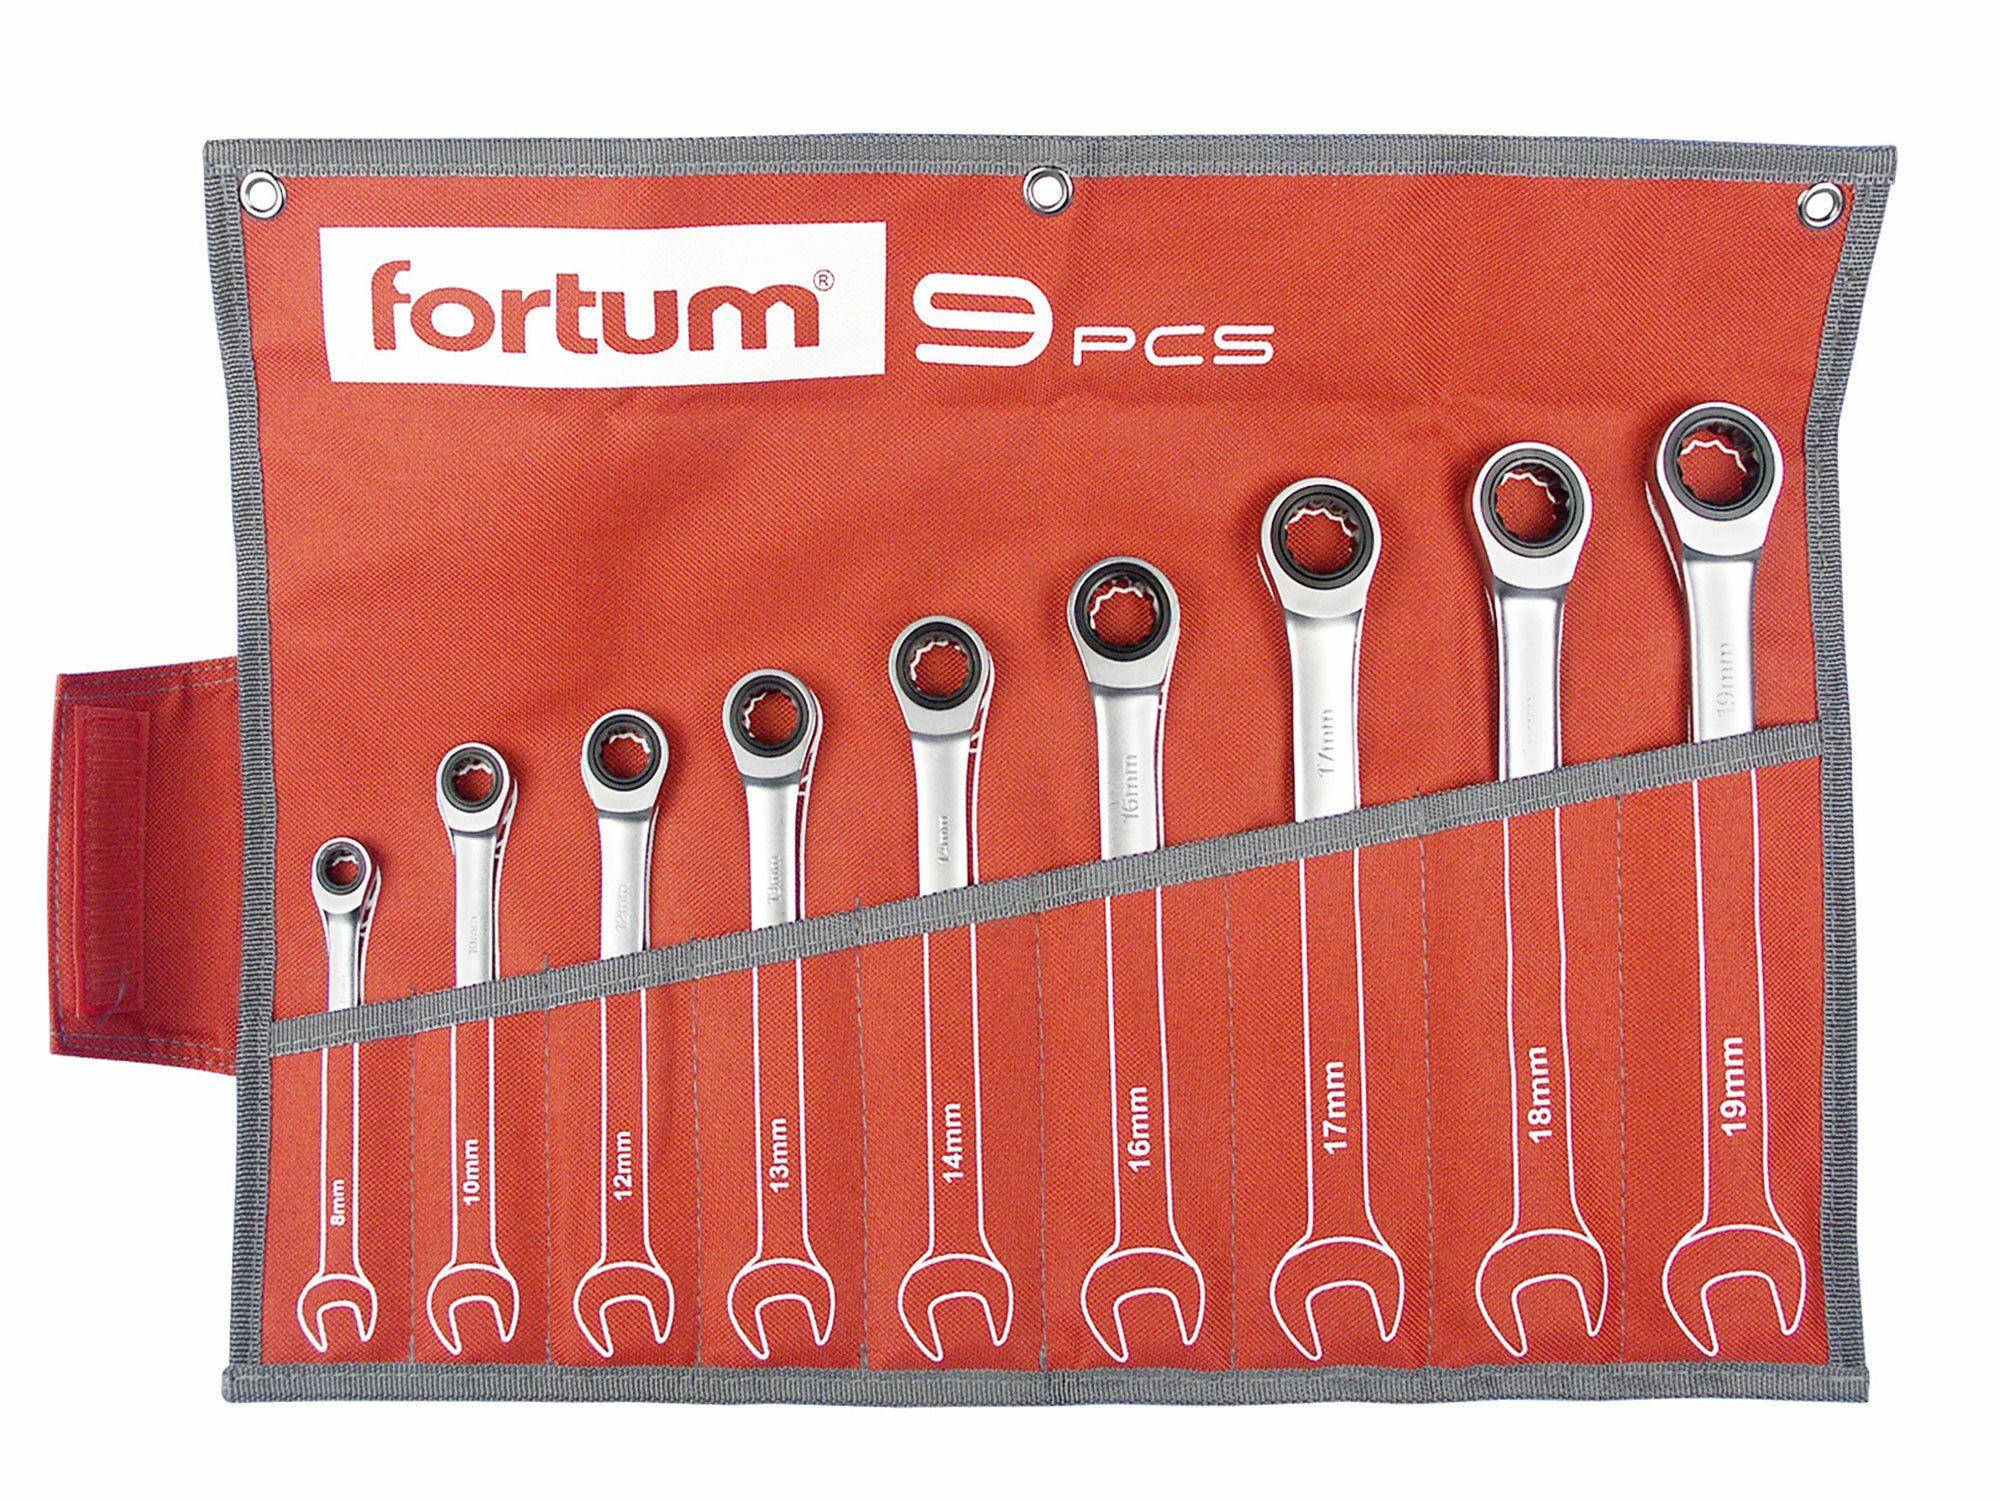 Klíče ráčnové očkoploché, sada 9ks, 8-10-12-13-14-16-17-18-19mm, CrV/S2 FORTUM